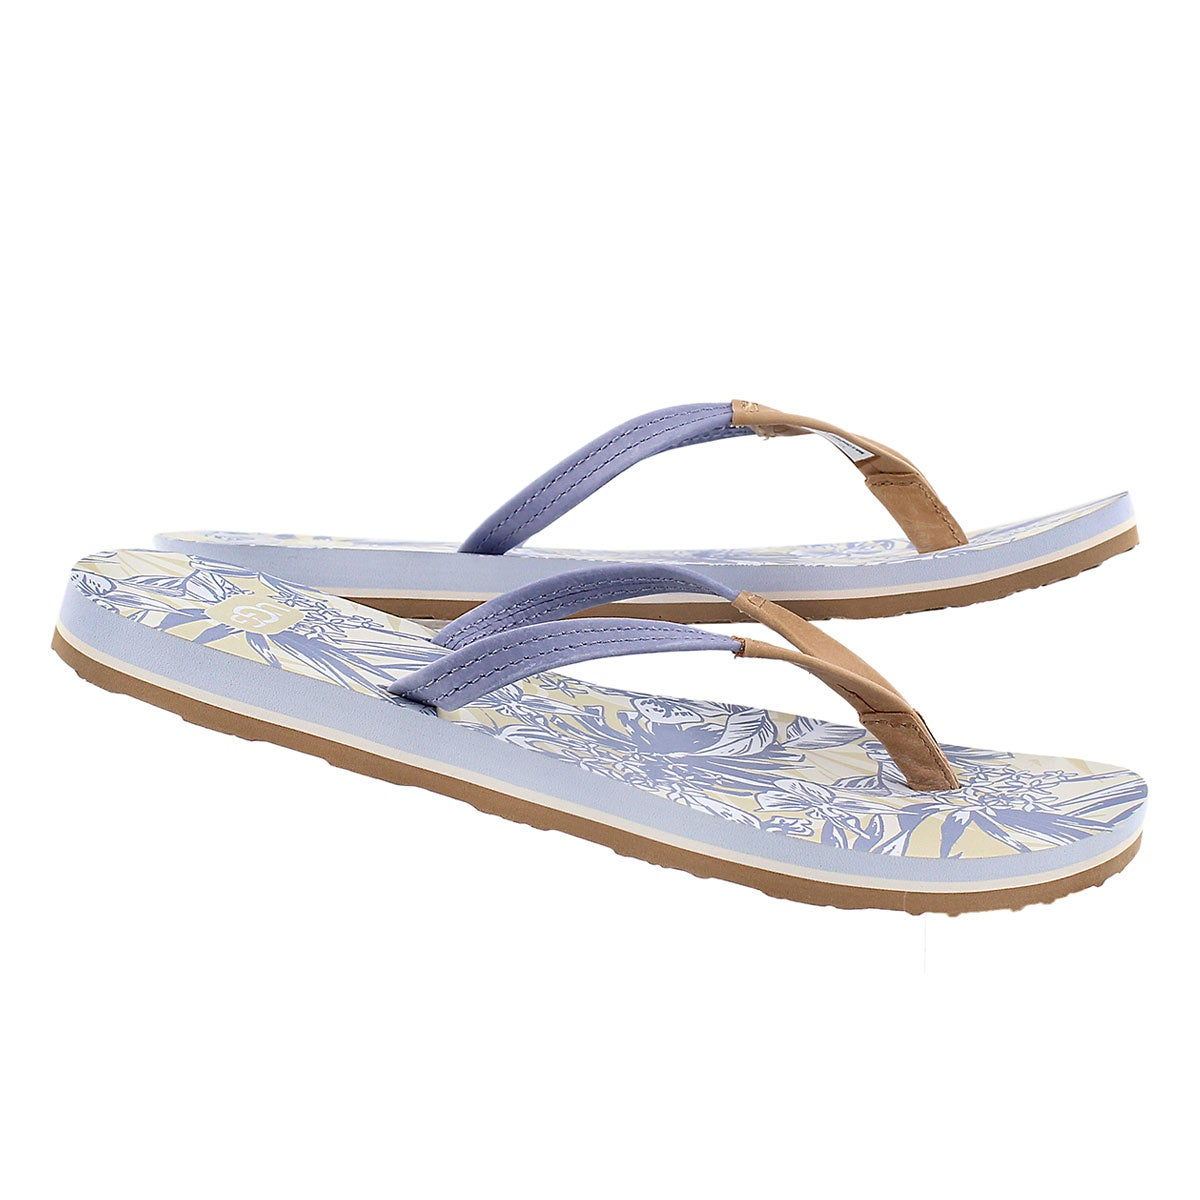 Tong Magnolia Island Floral, bleu, femme